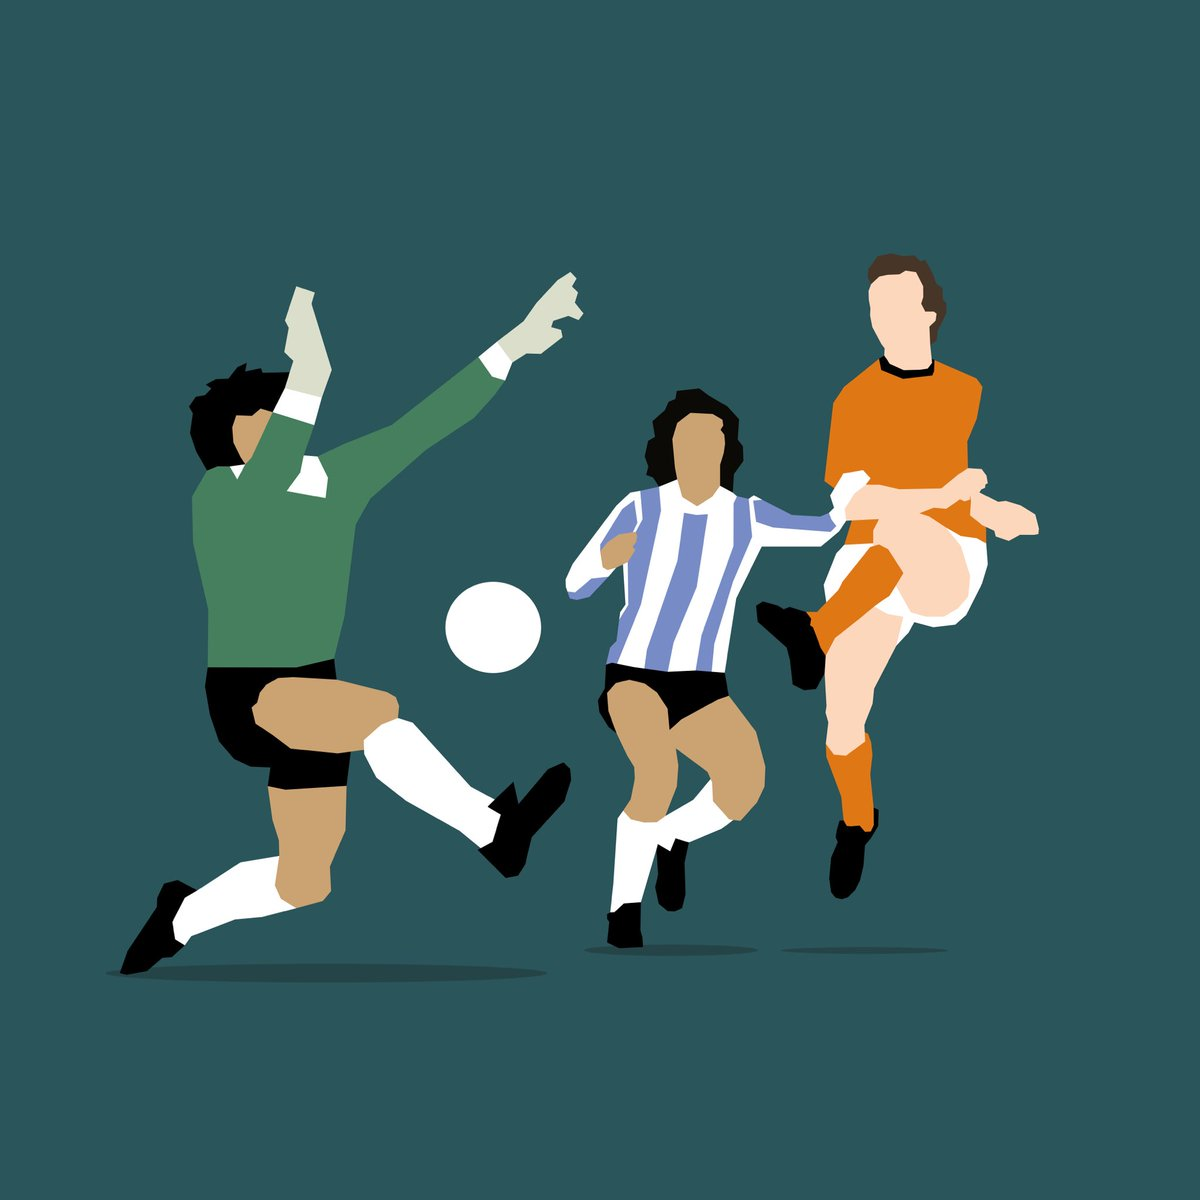 Rensenbrink voor altijd tegen de paal. WK finale - 25 juni 1978 - minuut 90:15. Rust zacht. #oranje #rensenbrink #robrensenbrink #wkfinale #illustratie #illustration #digitalart #footballart #voetbal #fussball #futbol https://t.co/FWz8xZlJoW